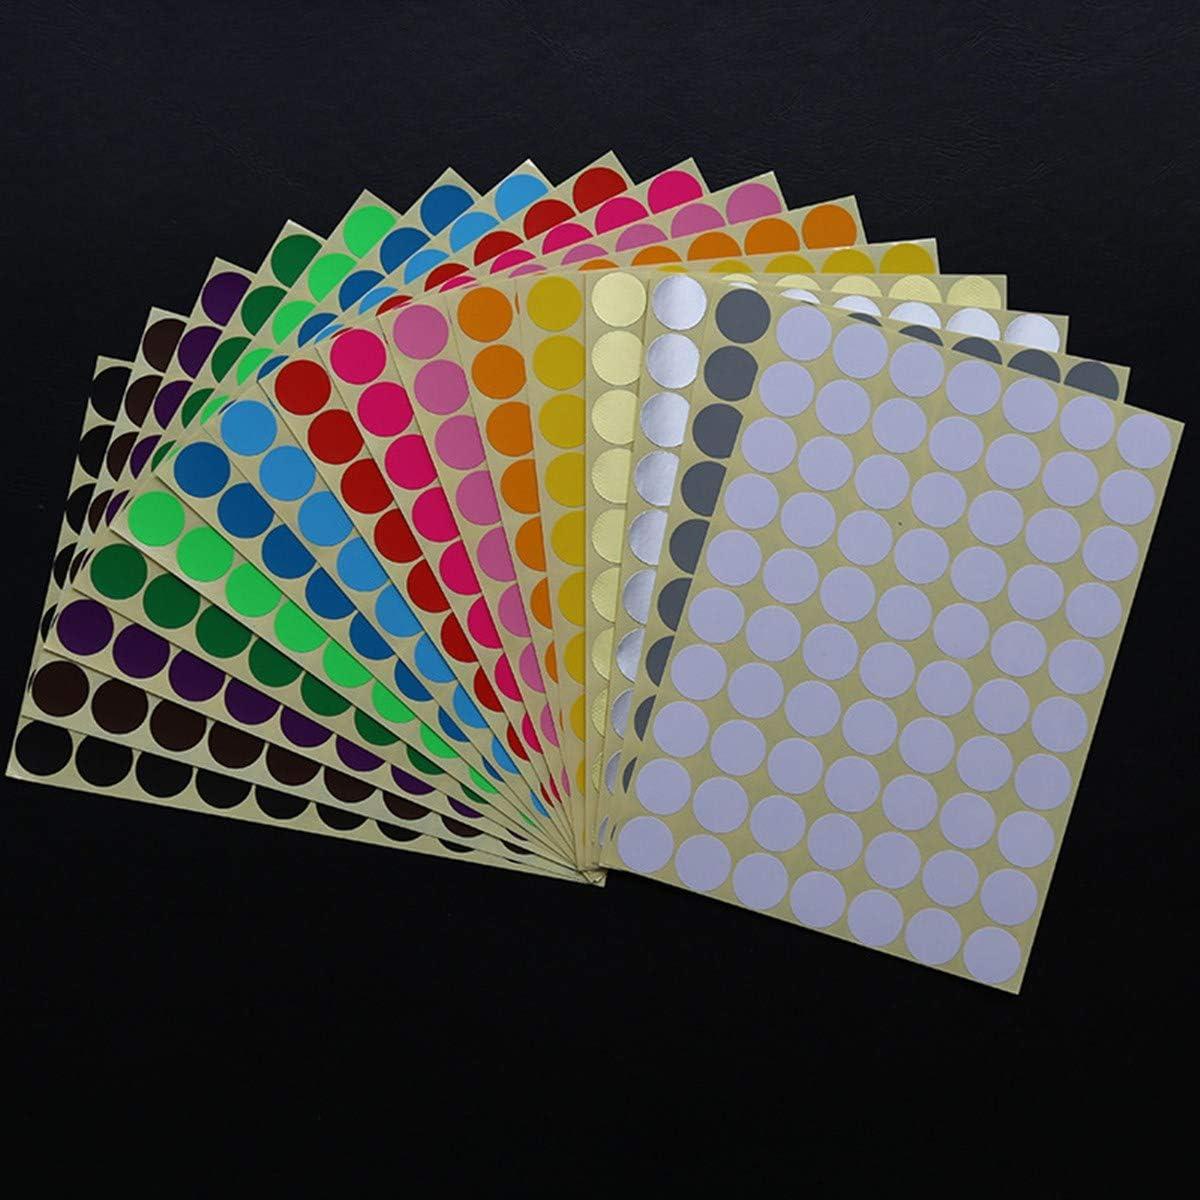 a pois colorati autoadesive 19 mm per calendari Confezione da 4480 etichette adesive a pois 16 colori assortiti